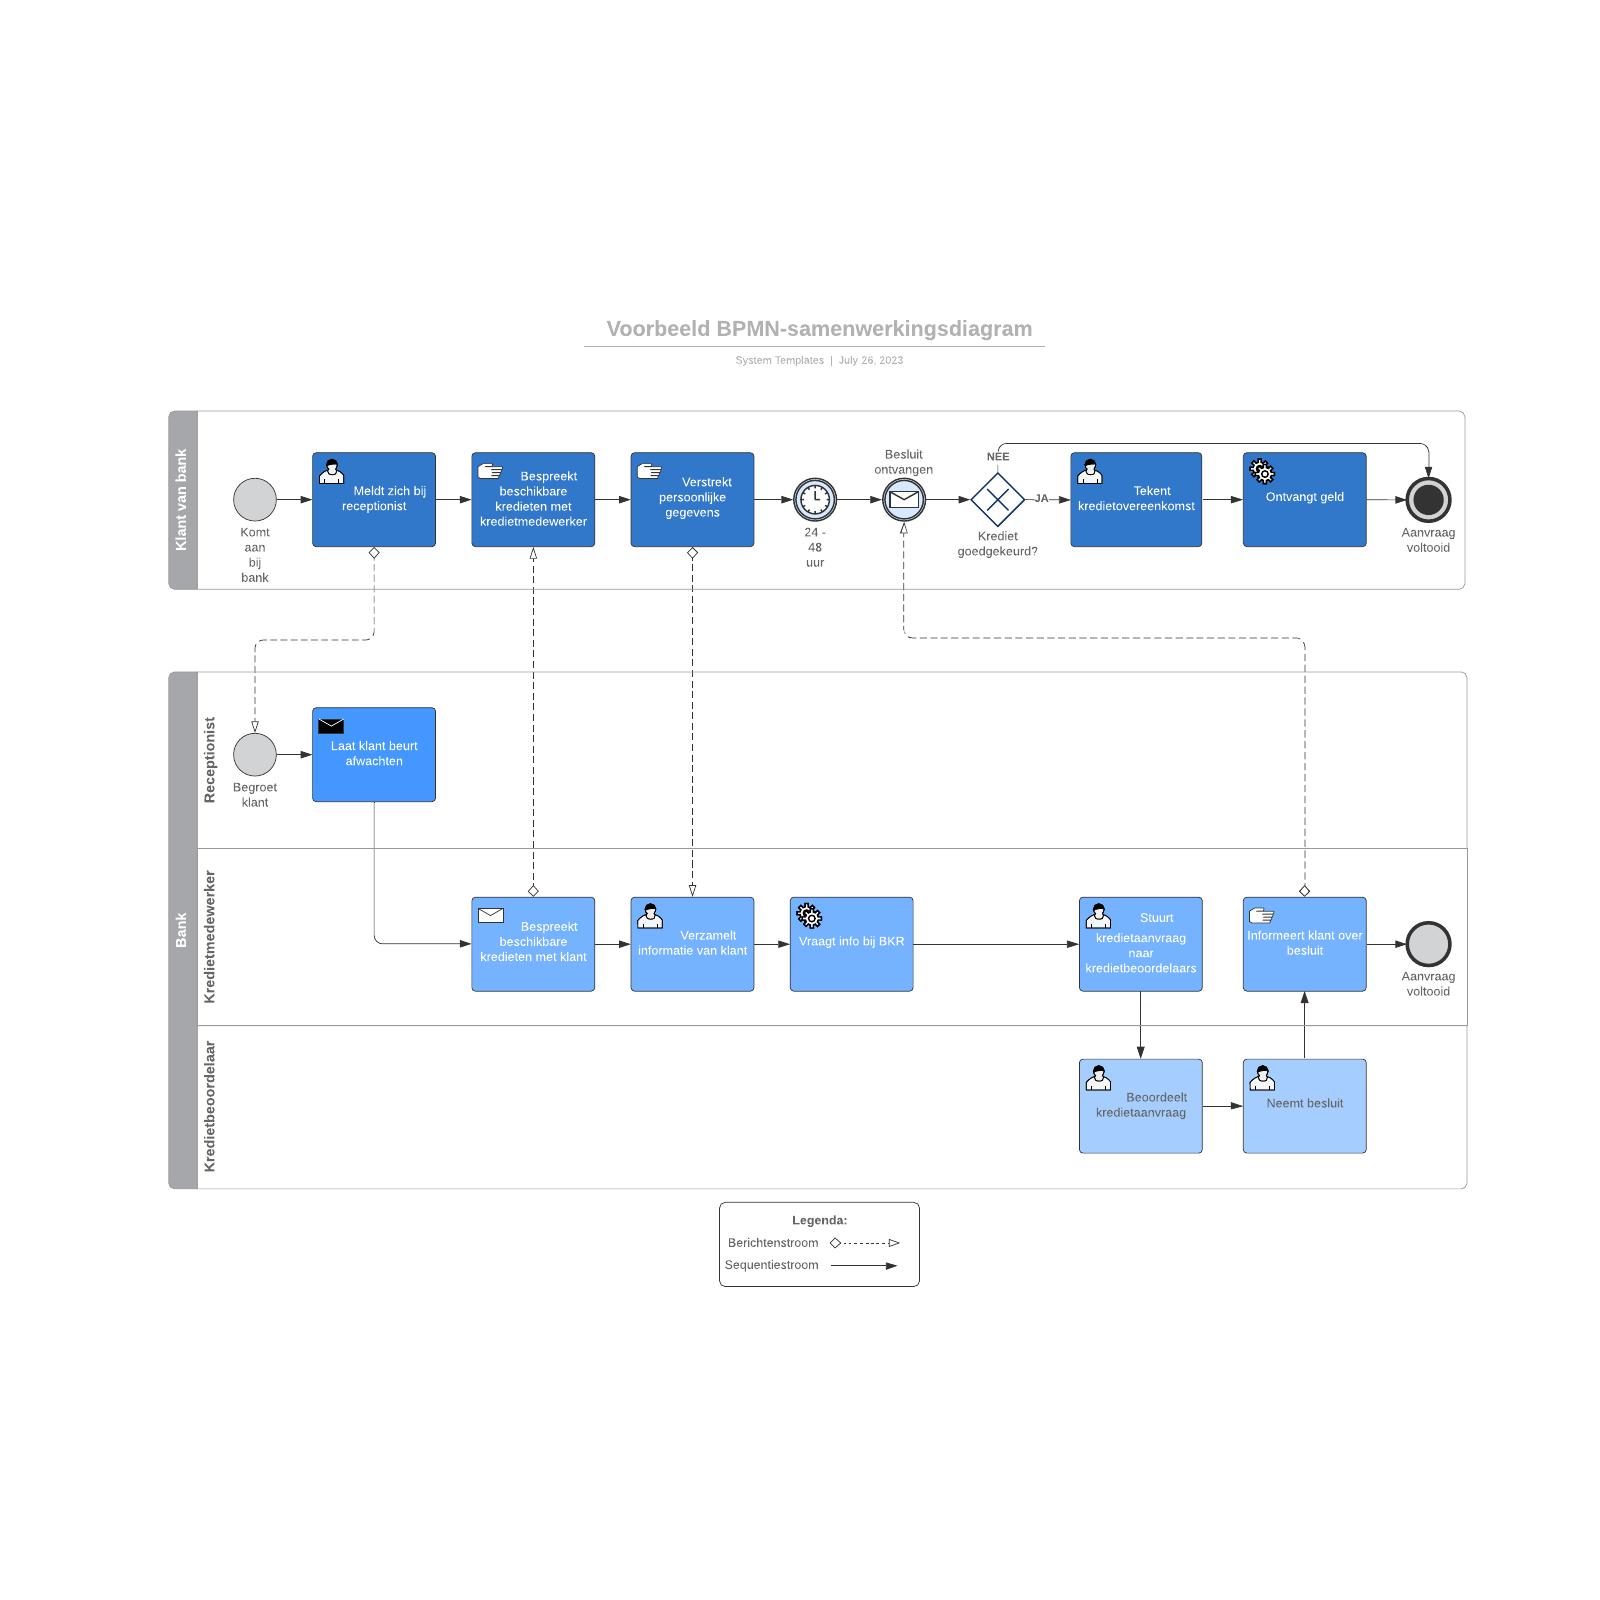 Voorbeeld BPMN-samenwerkingsdiagram